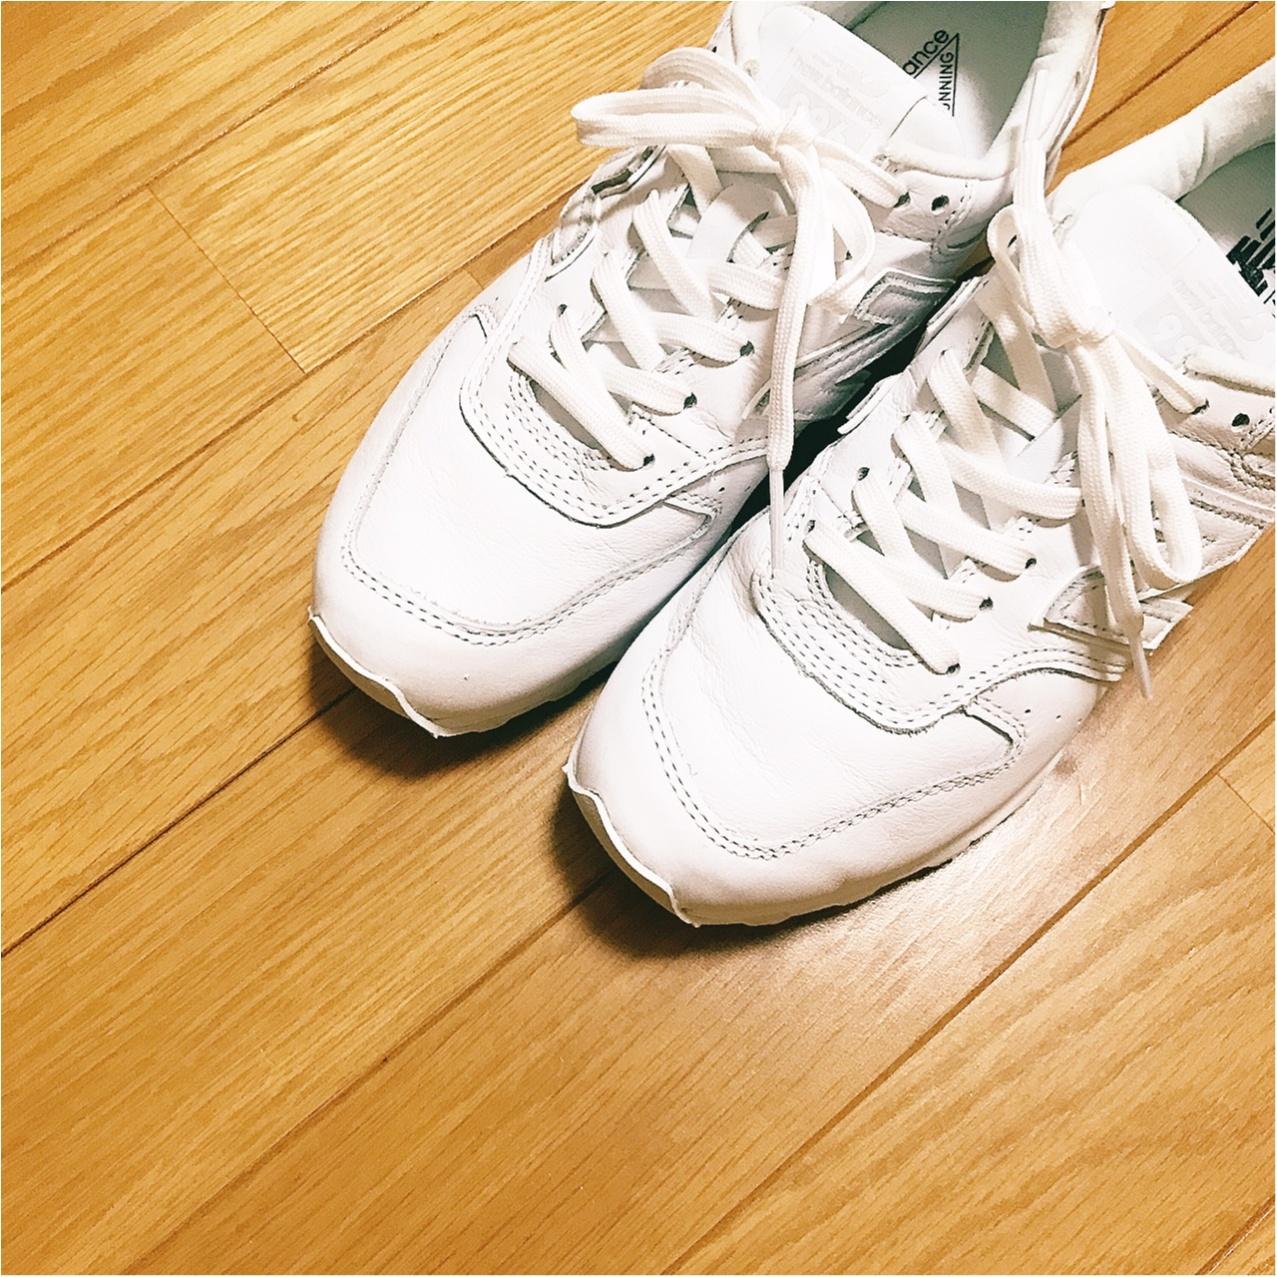 履くだけで一気に春めく❤︎【白スニーカー】のススメ_1